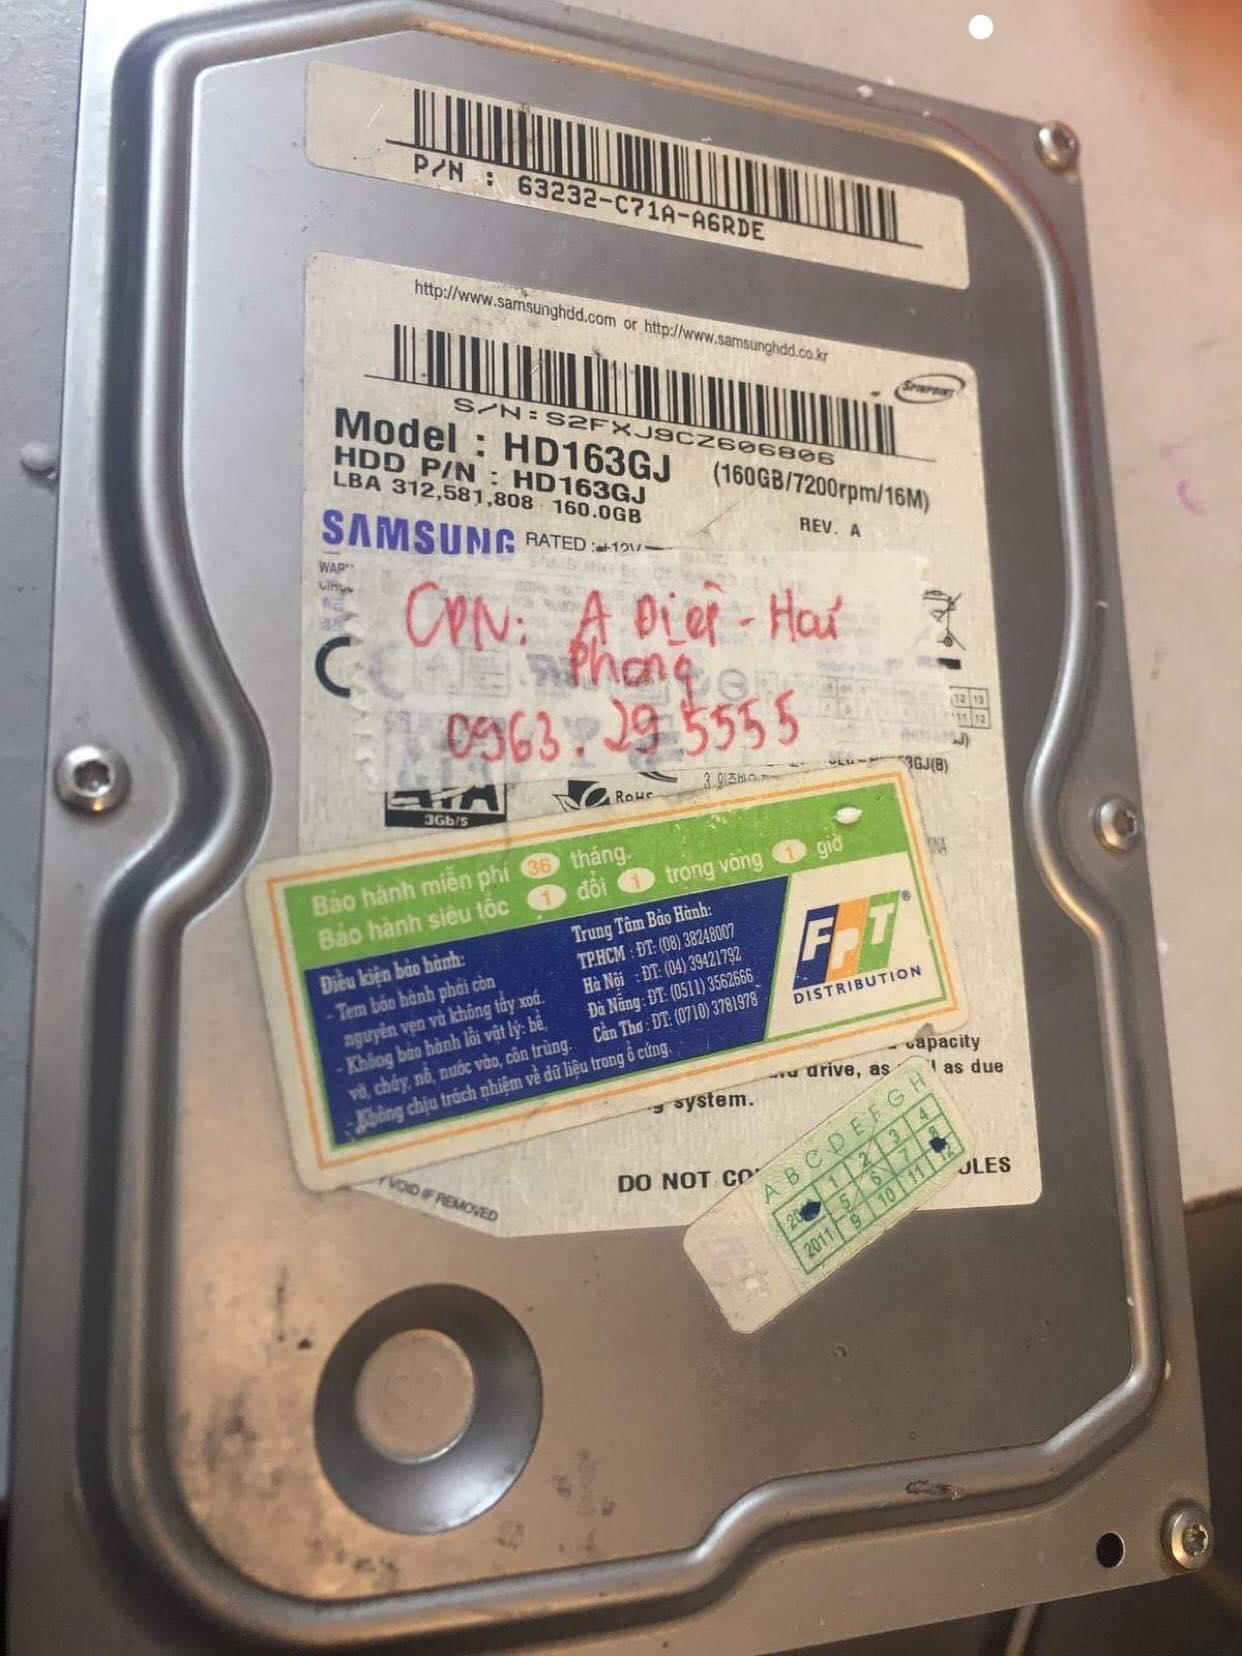 Khôi phục dữ liệu ổ cứng Samsung 160GB lỗi cơ tại Hải Phòng 27/02/2019 - cuumaytinh